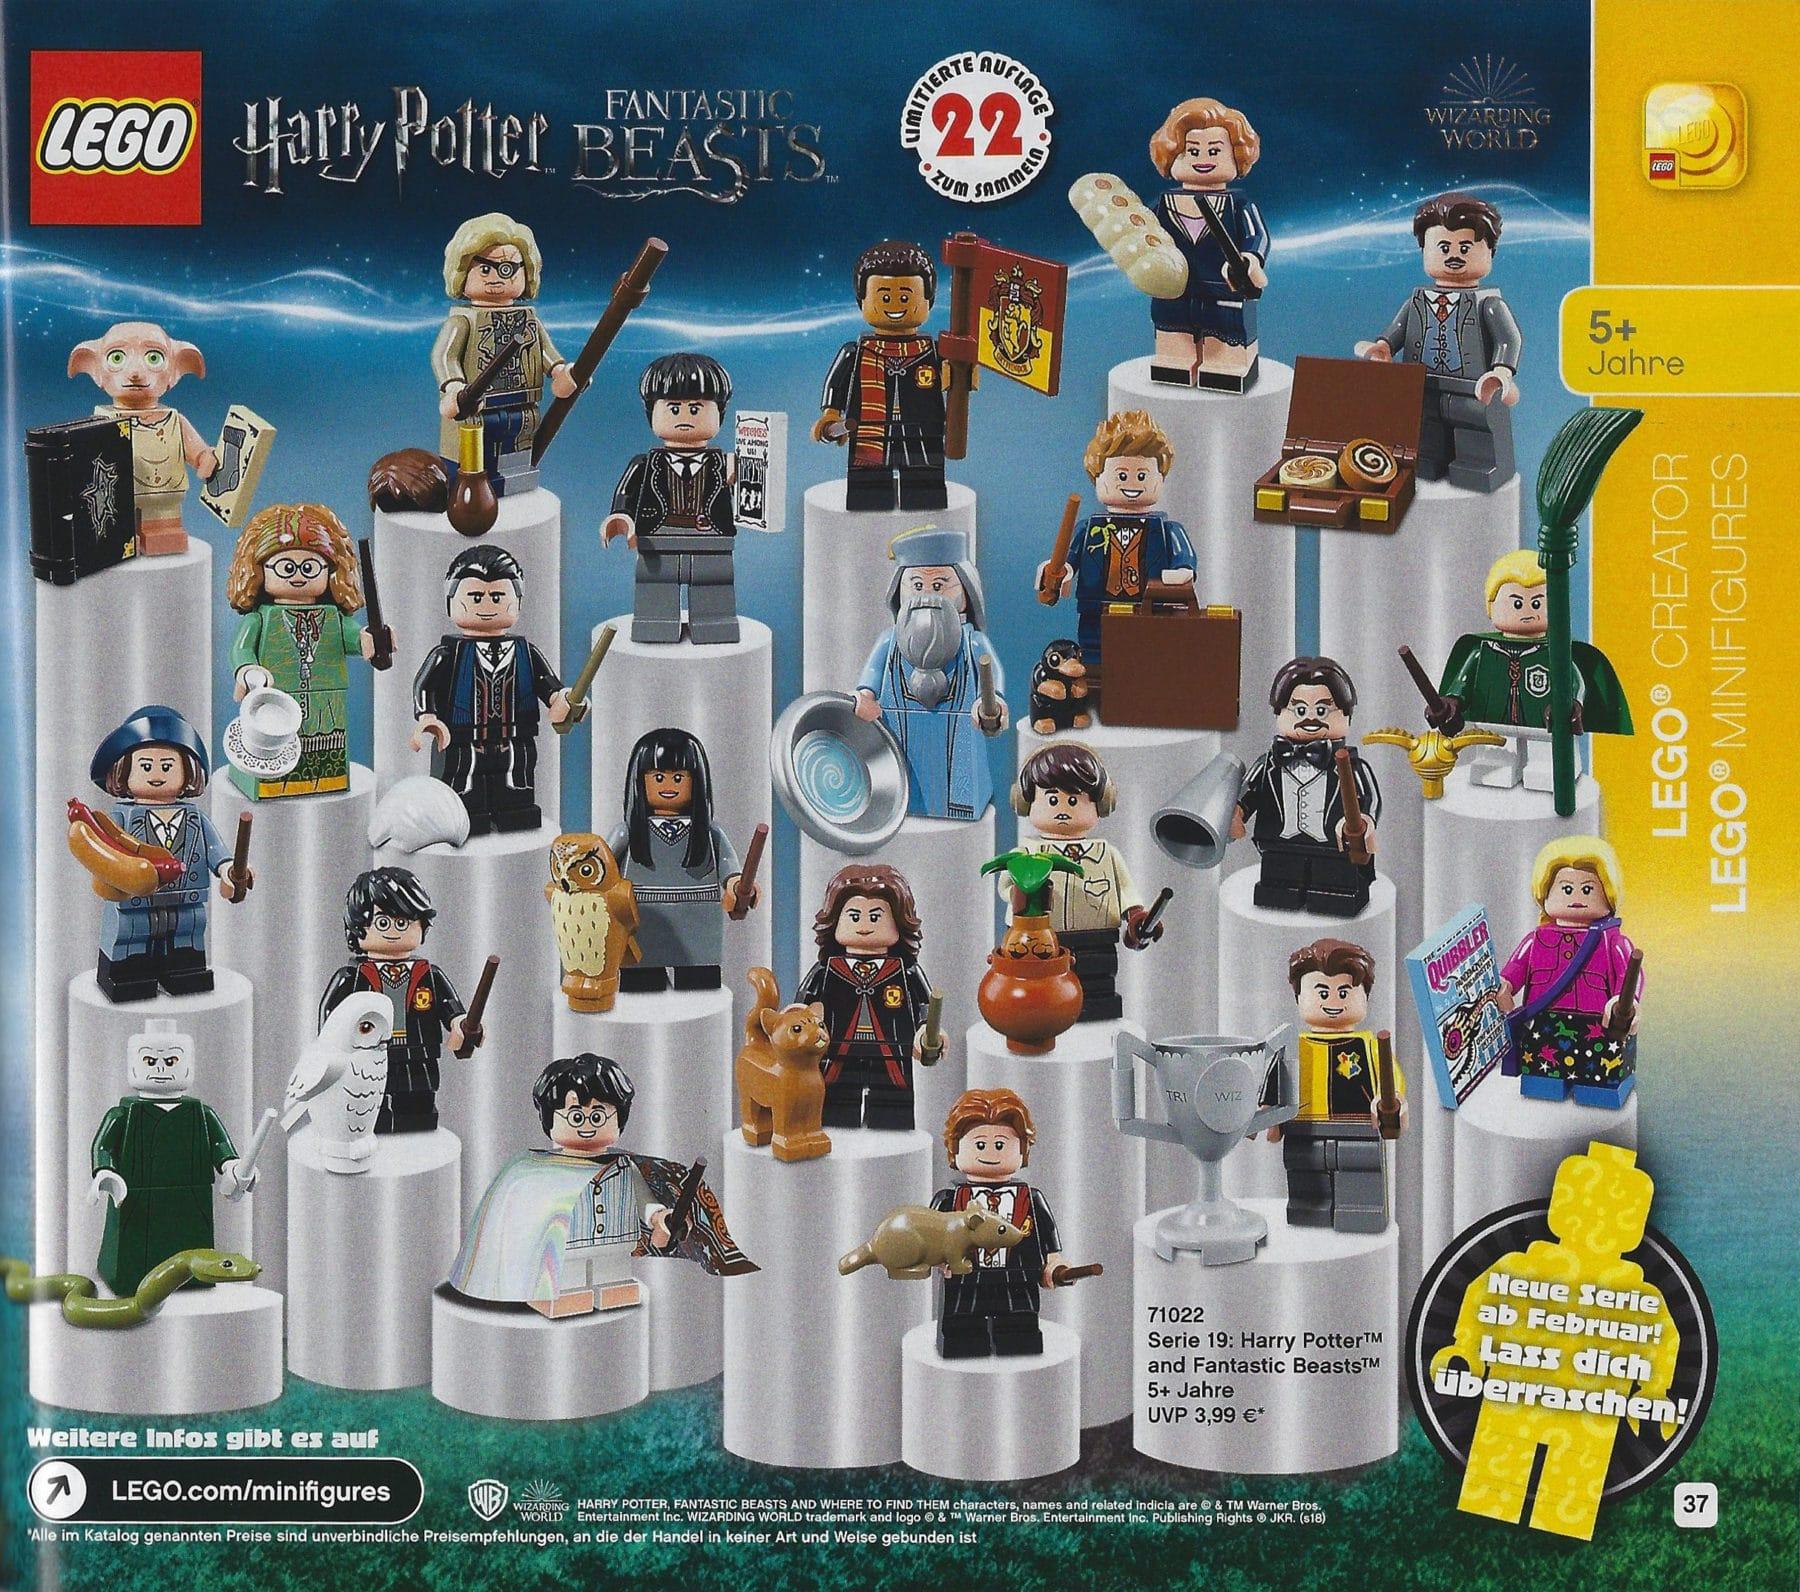 LEGO Weihnachtskatalog 2018: Neue Minifiguren Serie angekündigt